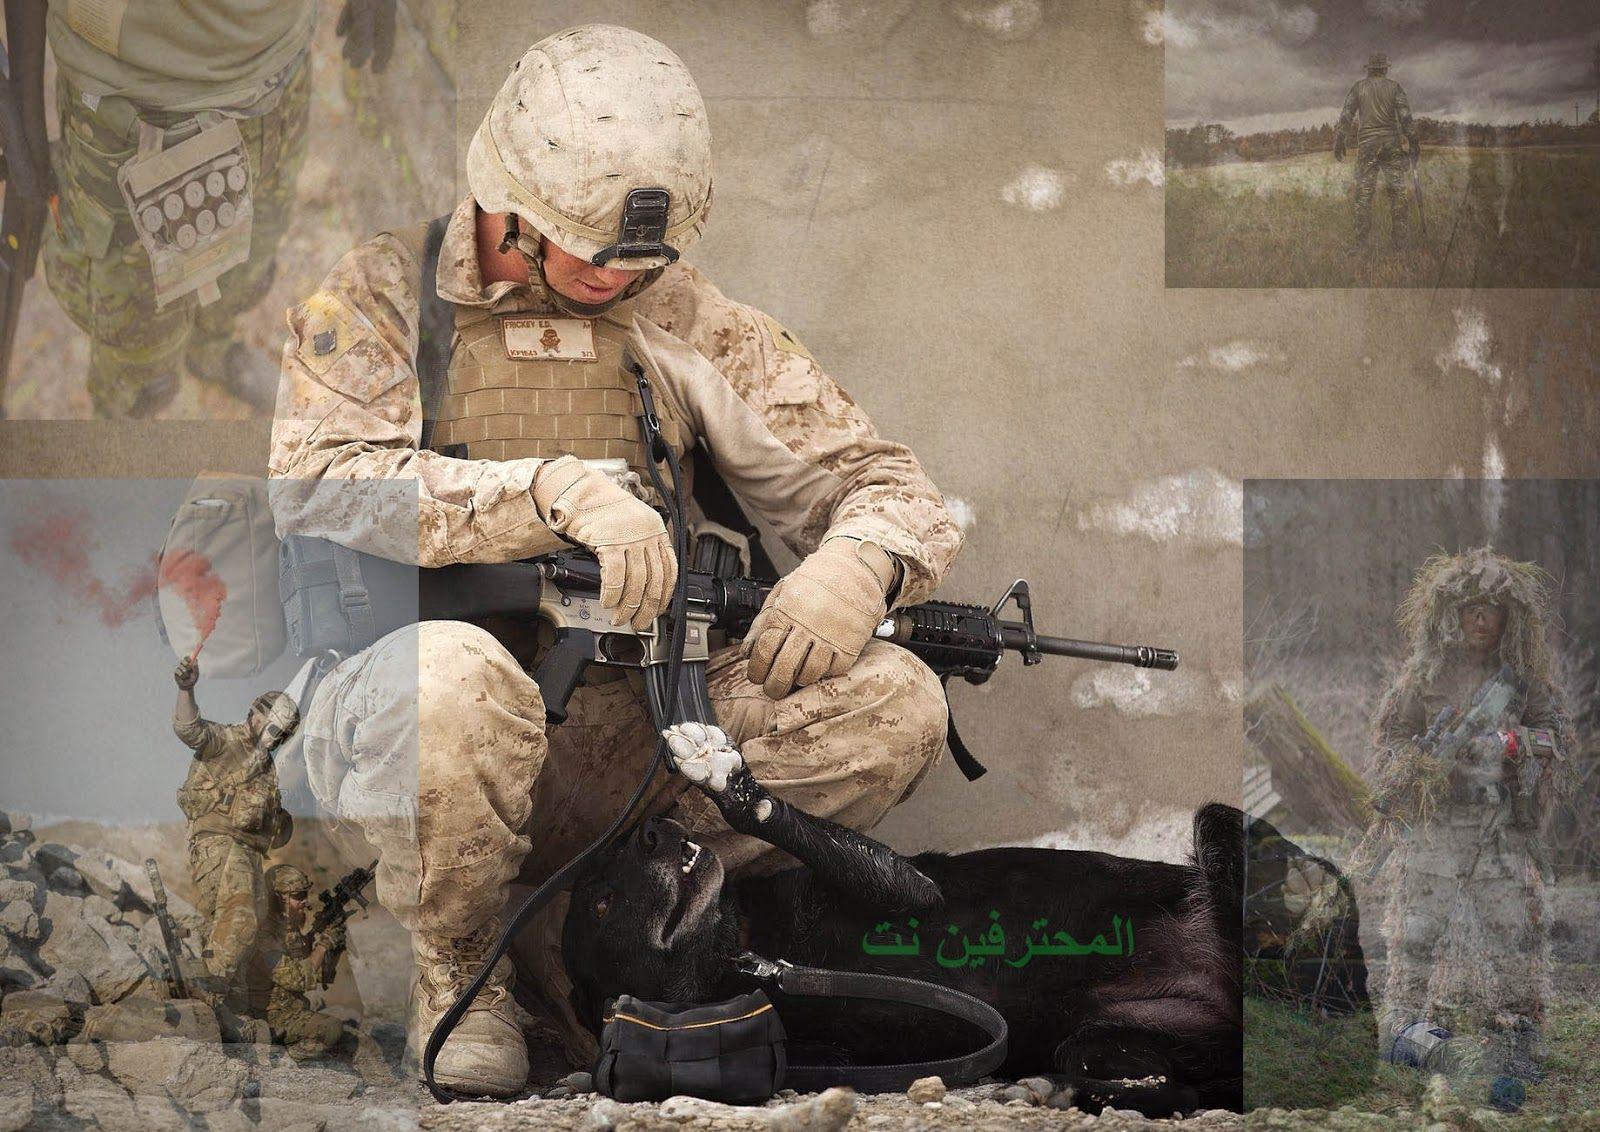 تحميل افلام للكبارفقط 2021 أفلام حصرية افلام اكشن افلام رعب افلام رومانسي ننشر لكم موقع جديد يتربع على مواقع مشا Military Dogs Work With Animals Your Dog